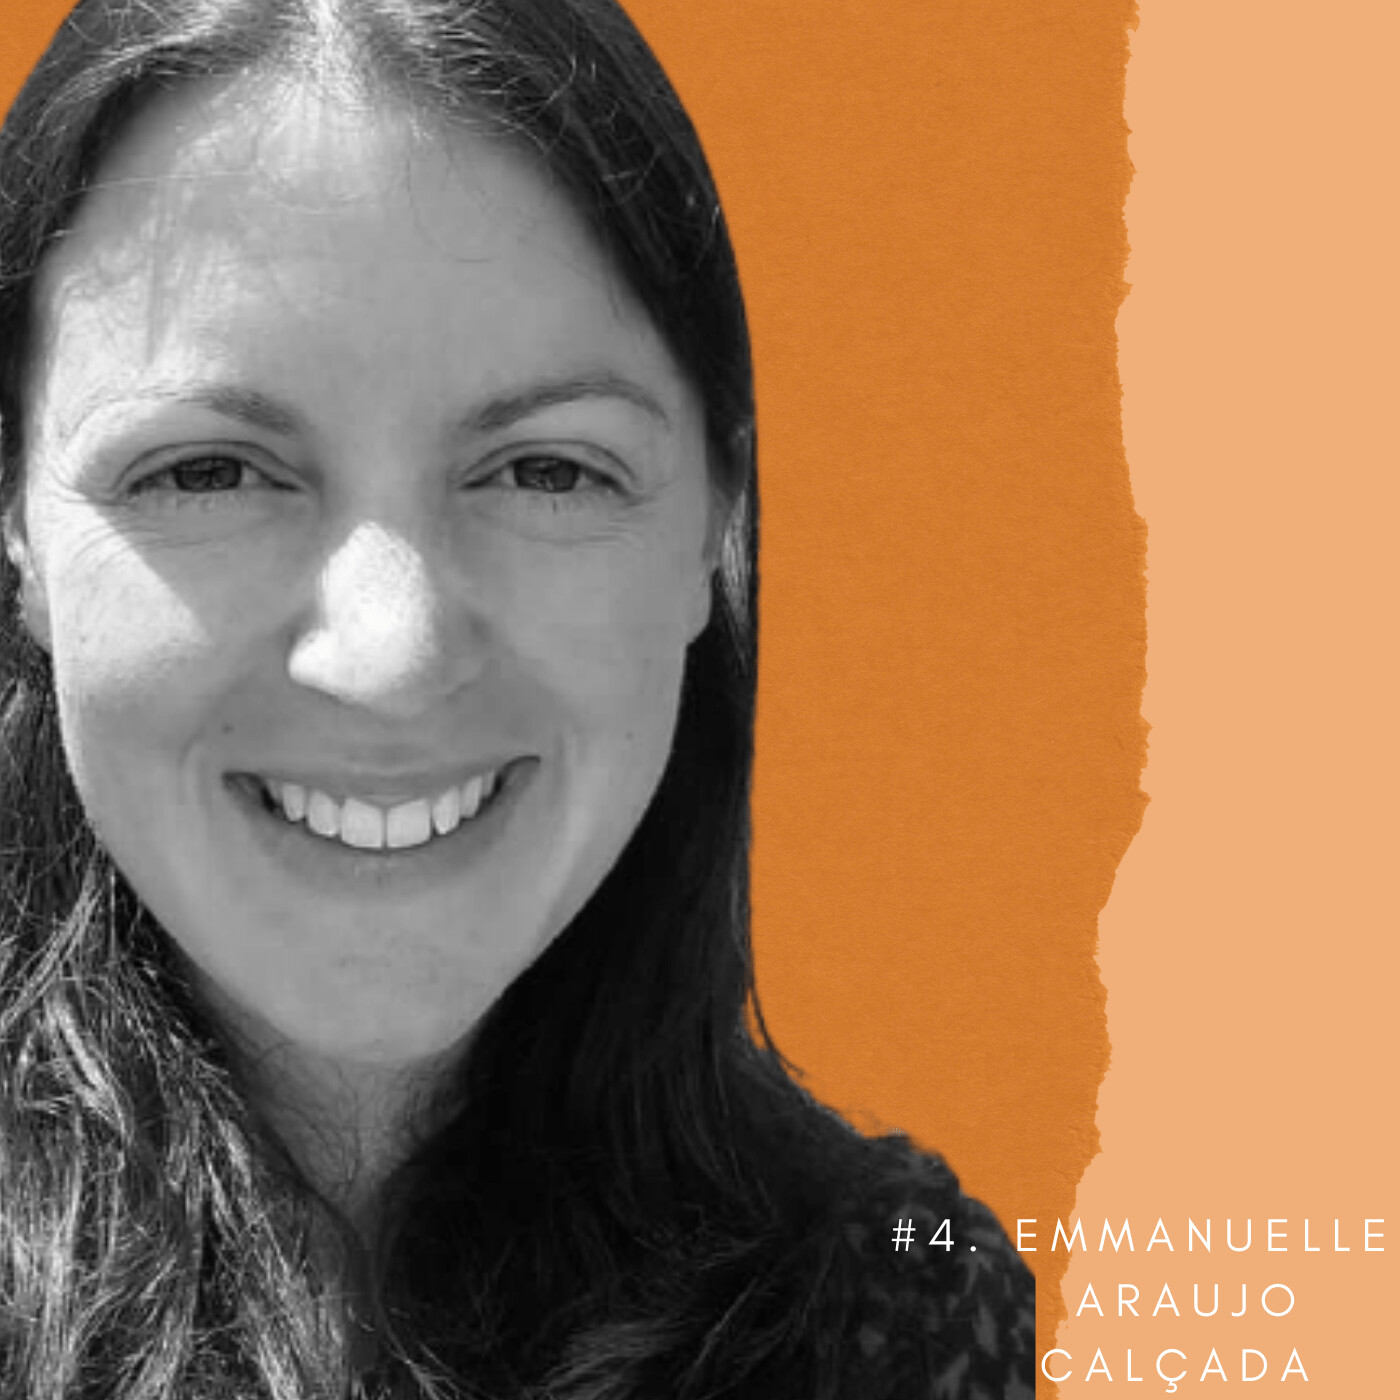 #Ep4. C'est quand qu'on va où - Emmanuelle Araujo Calçada - Politiser la question de l'enfance